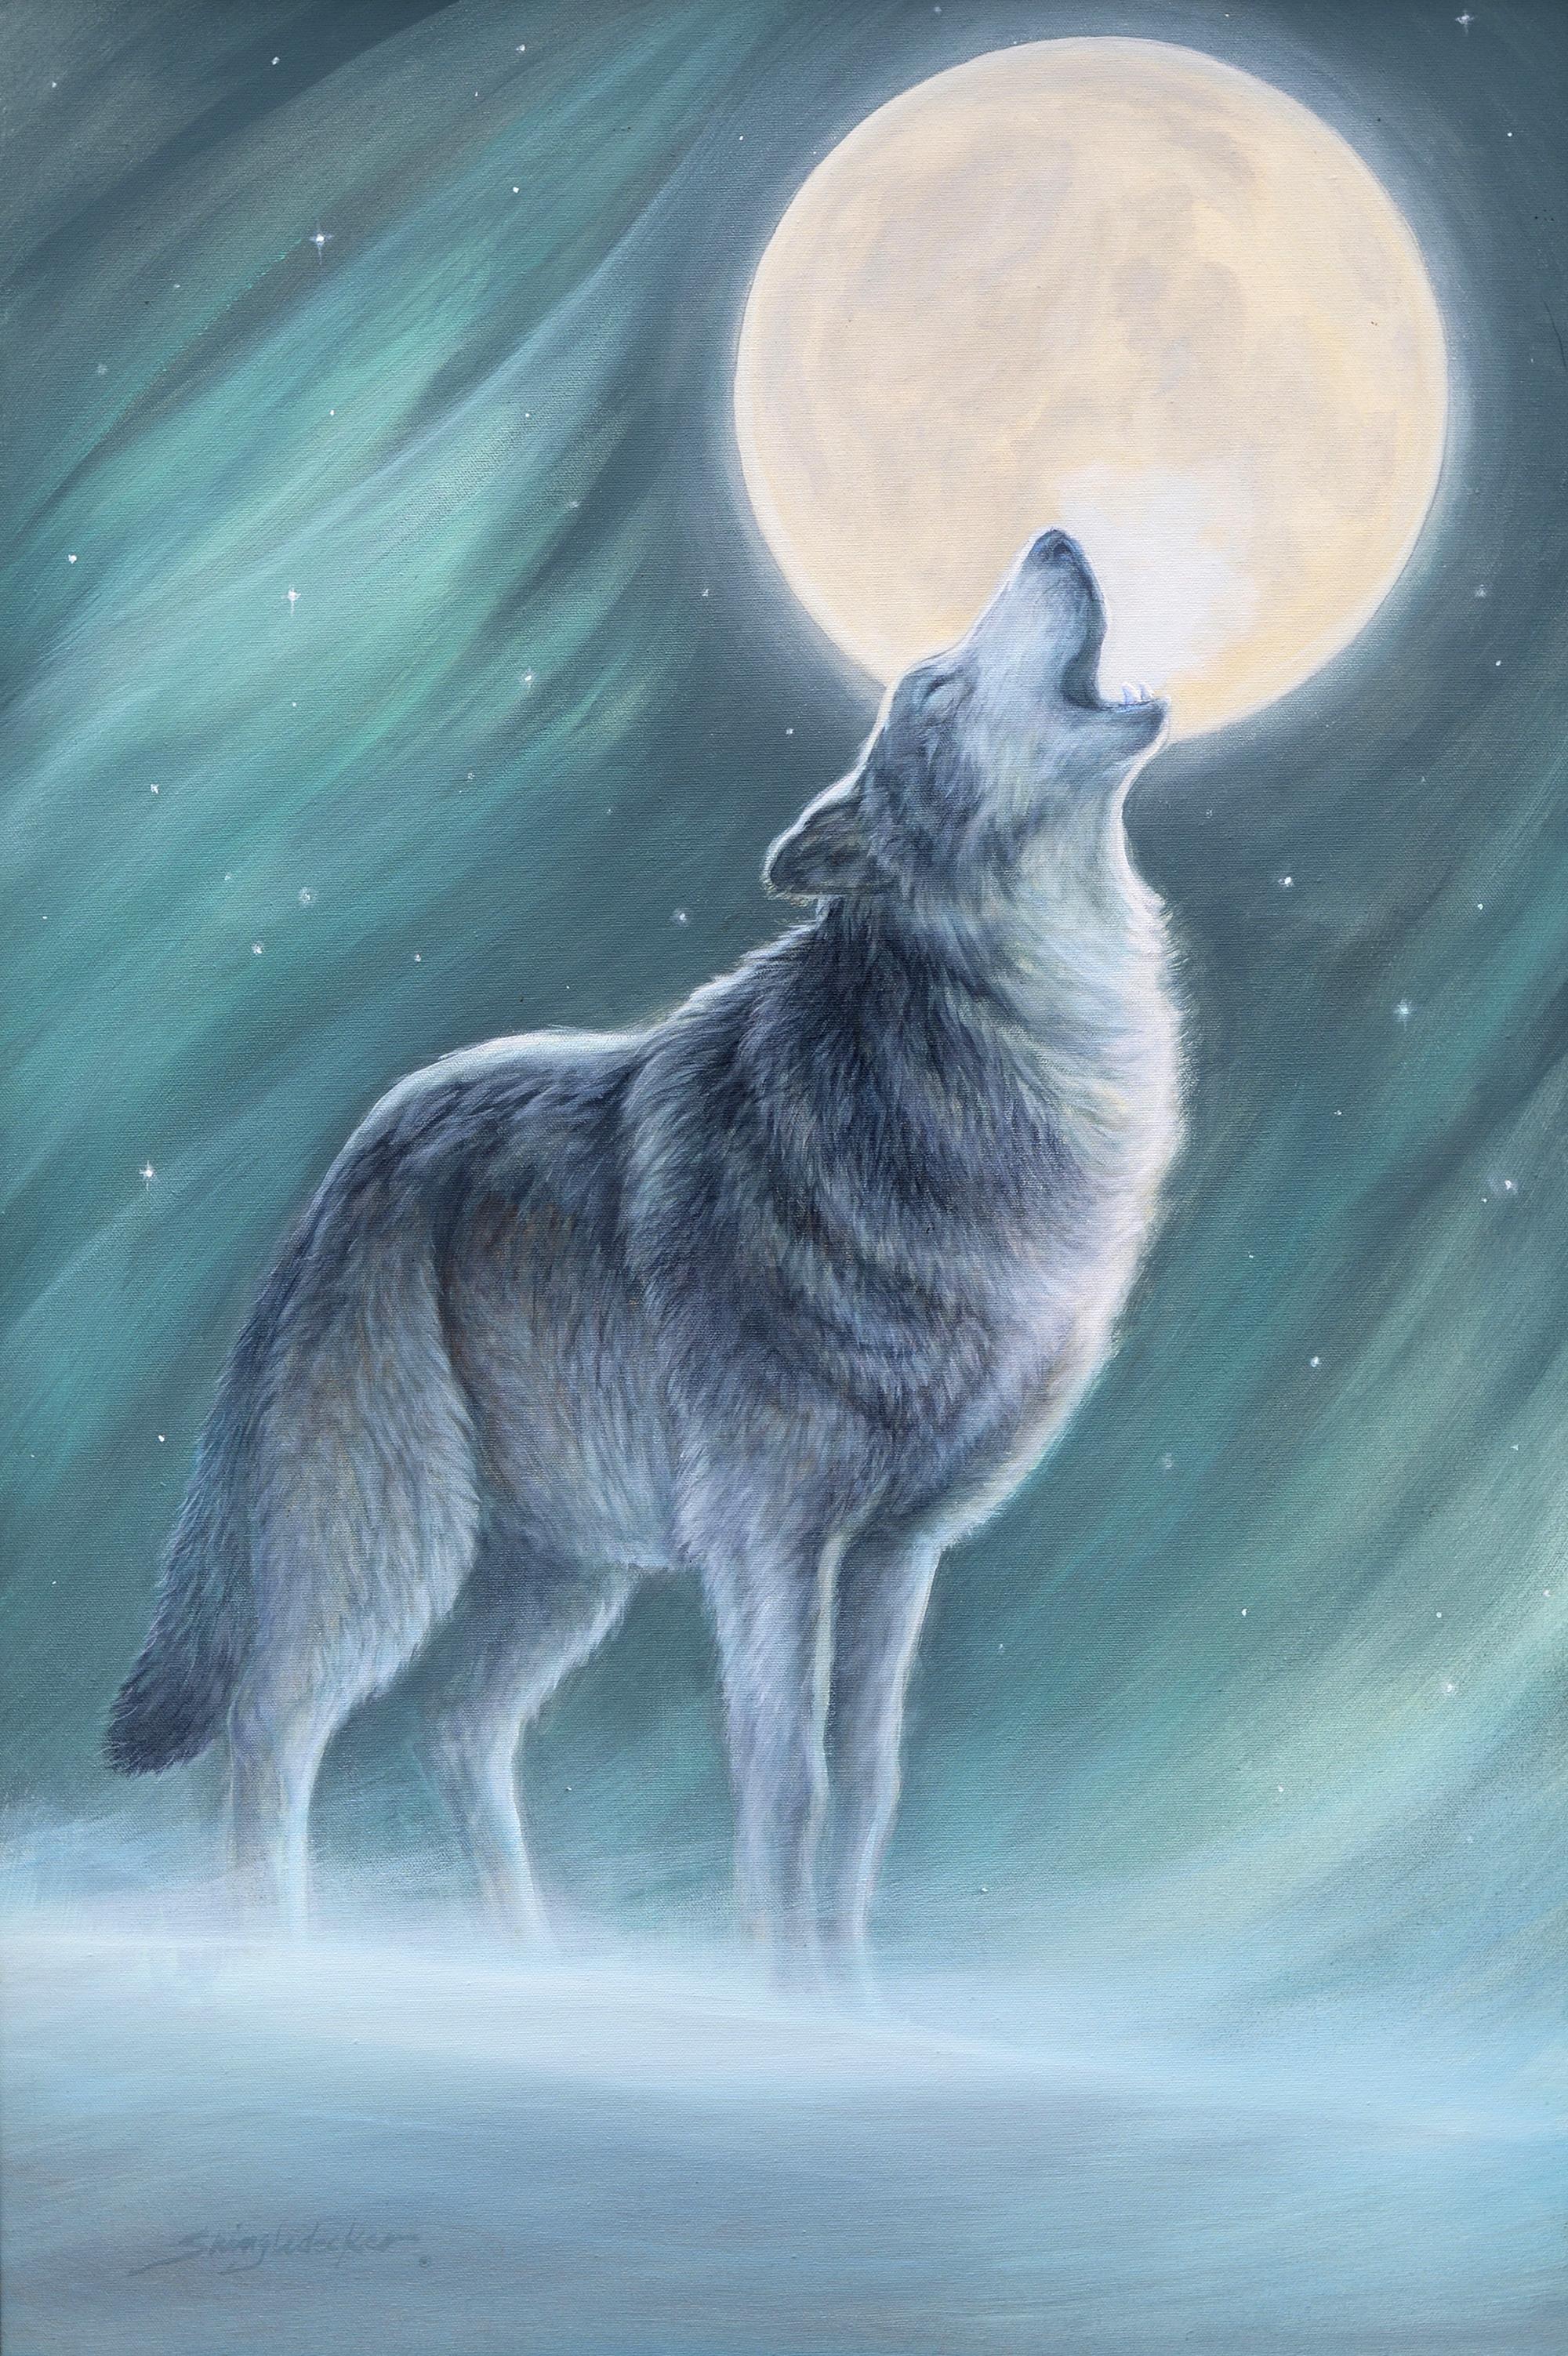 shingledecker_howling_at_the_moon.jpg